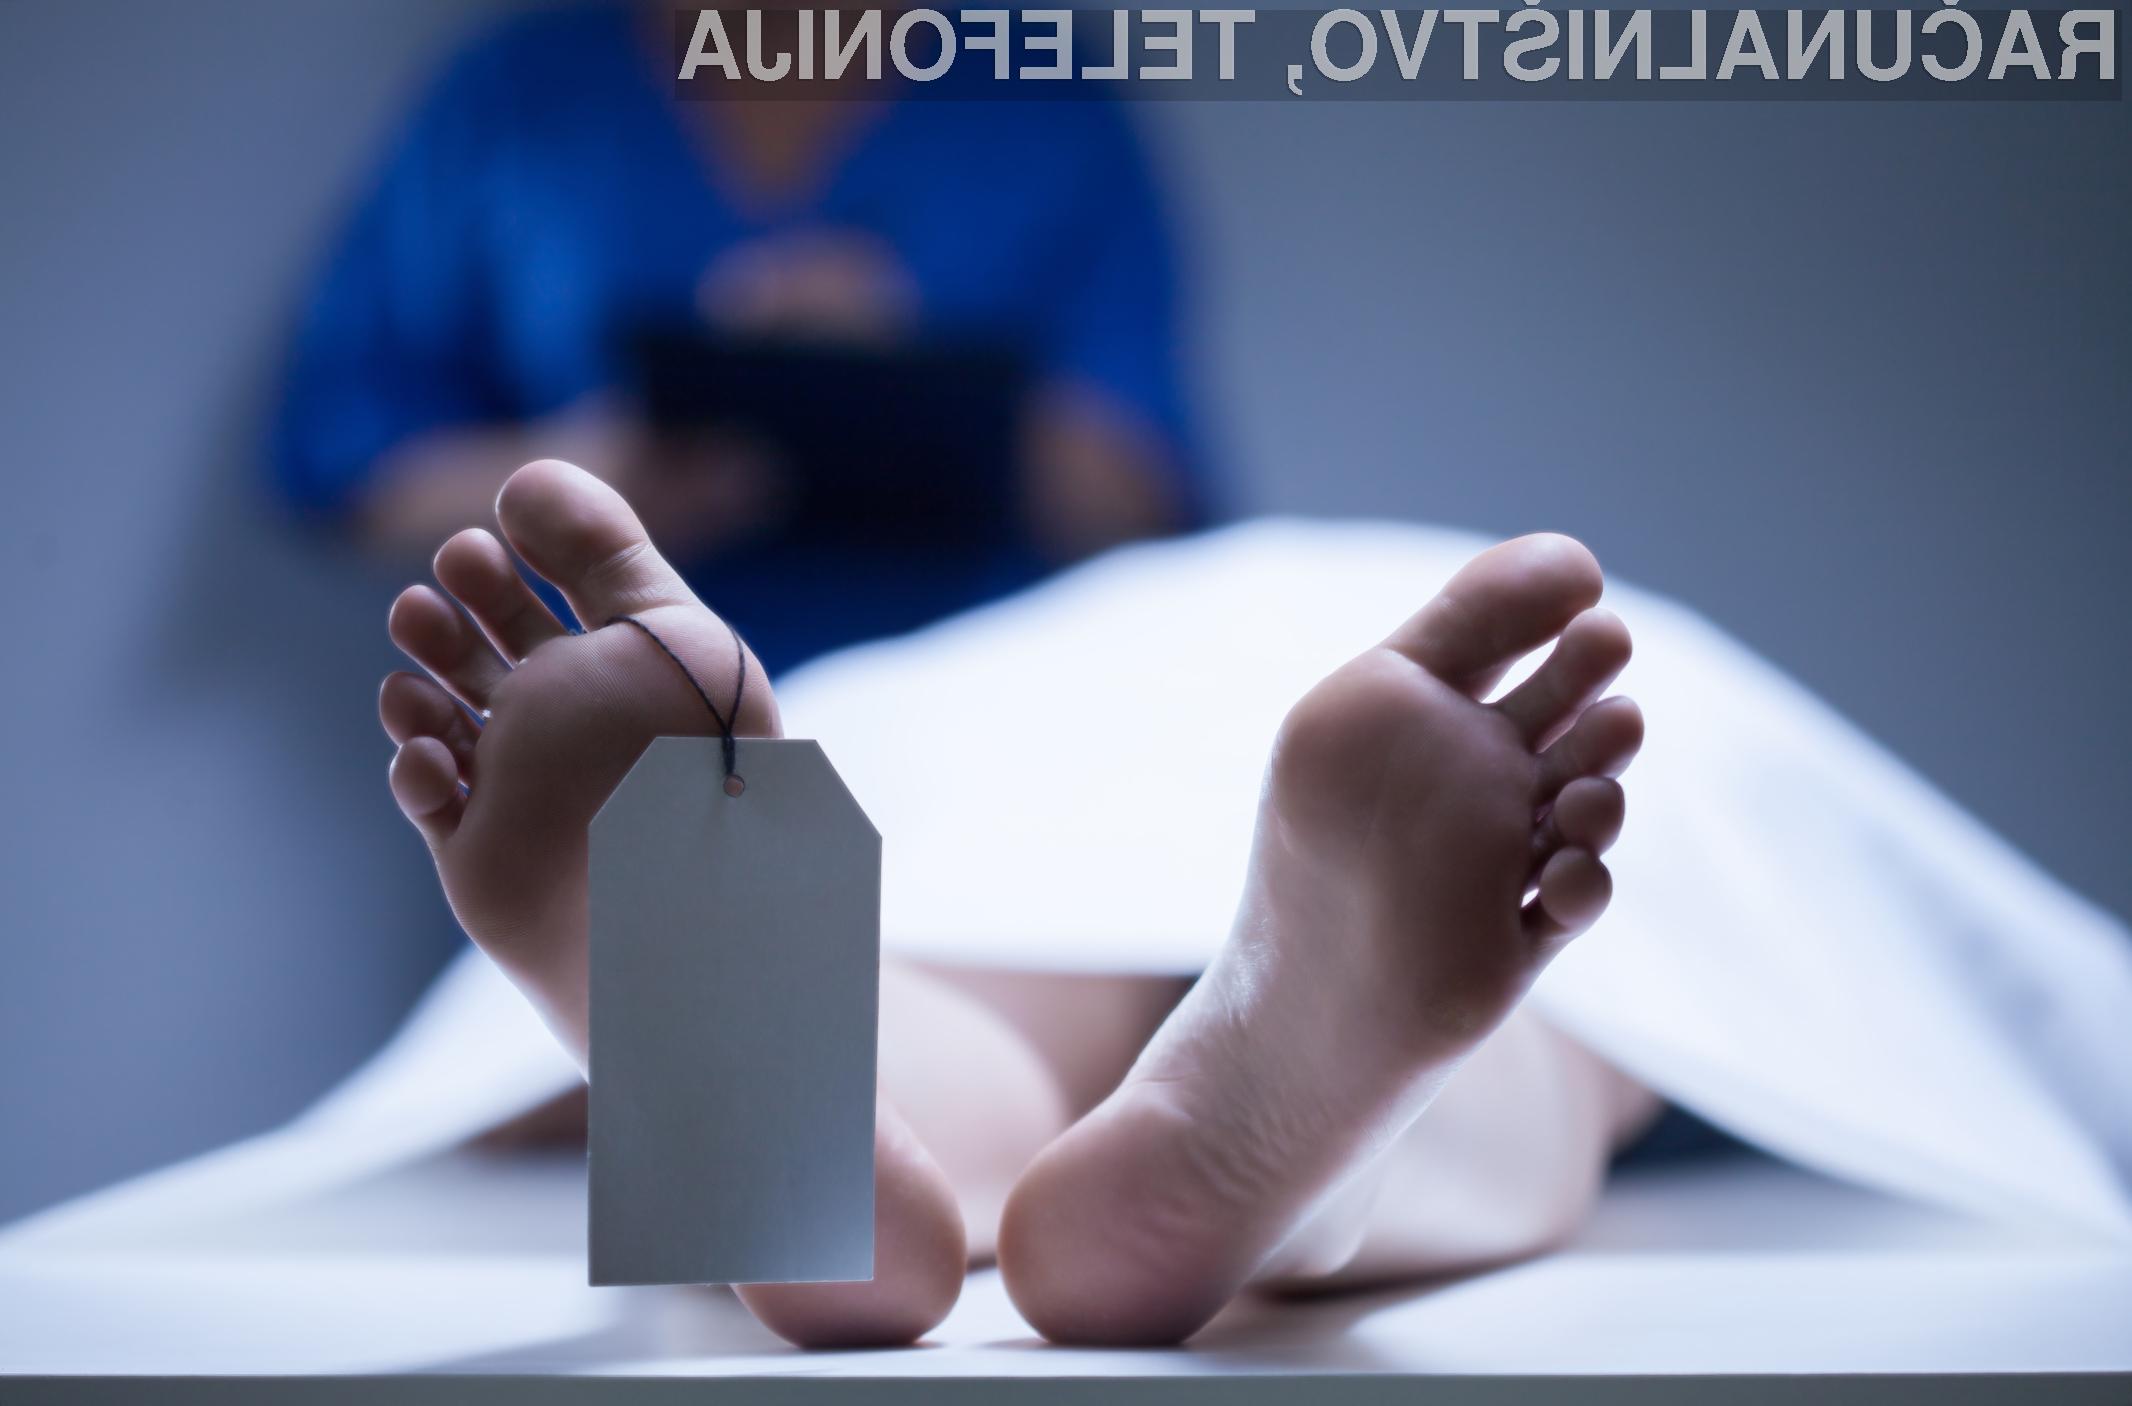 Namenska aplikacija lahko s kar 90 odstotno natančnostjo predvidi, kateri pacient v bolnišnici bo umrl.